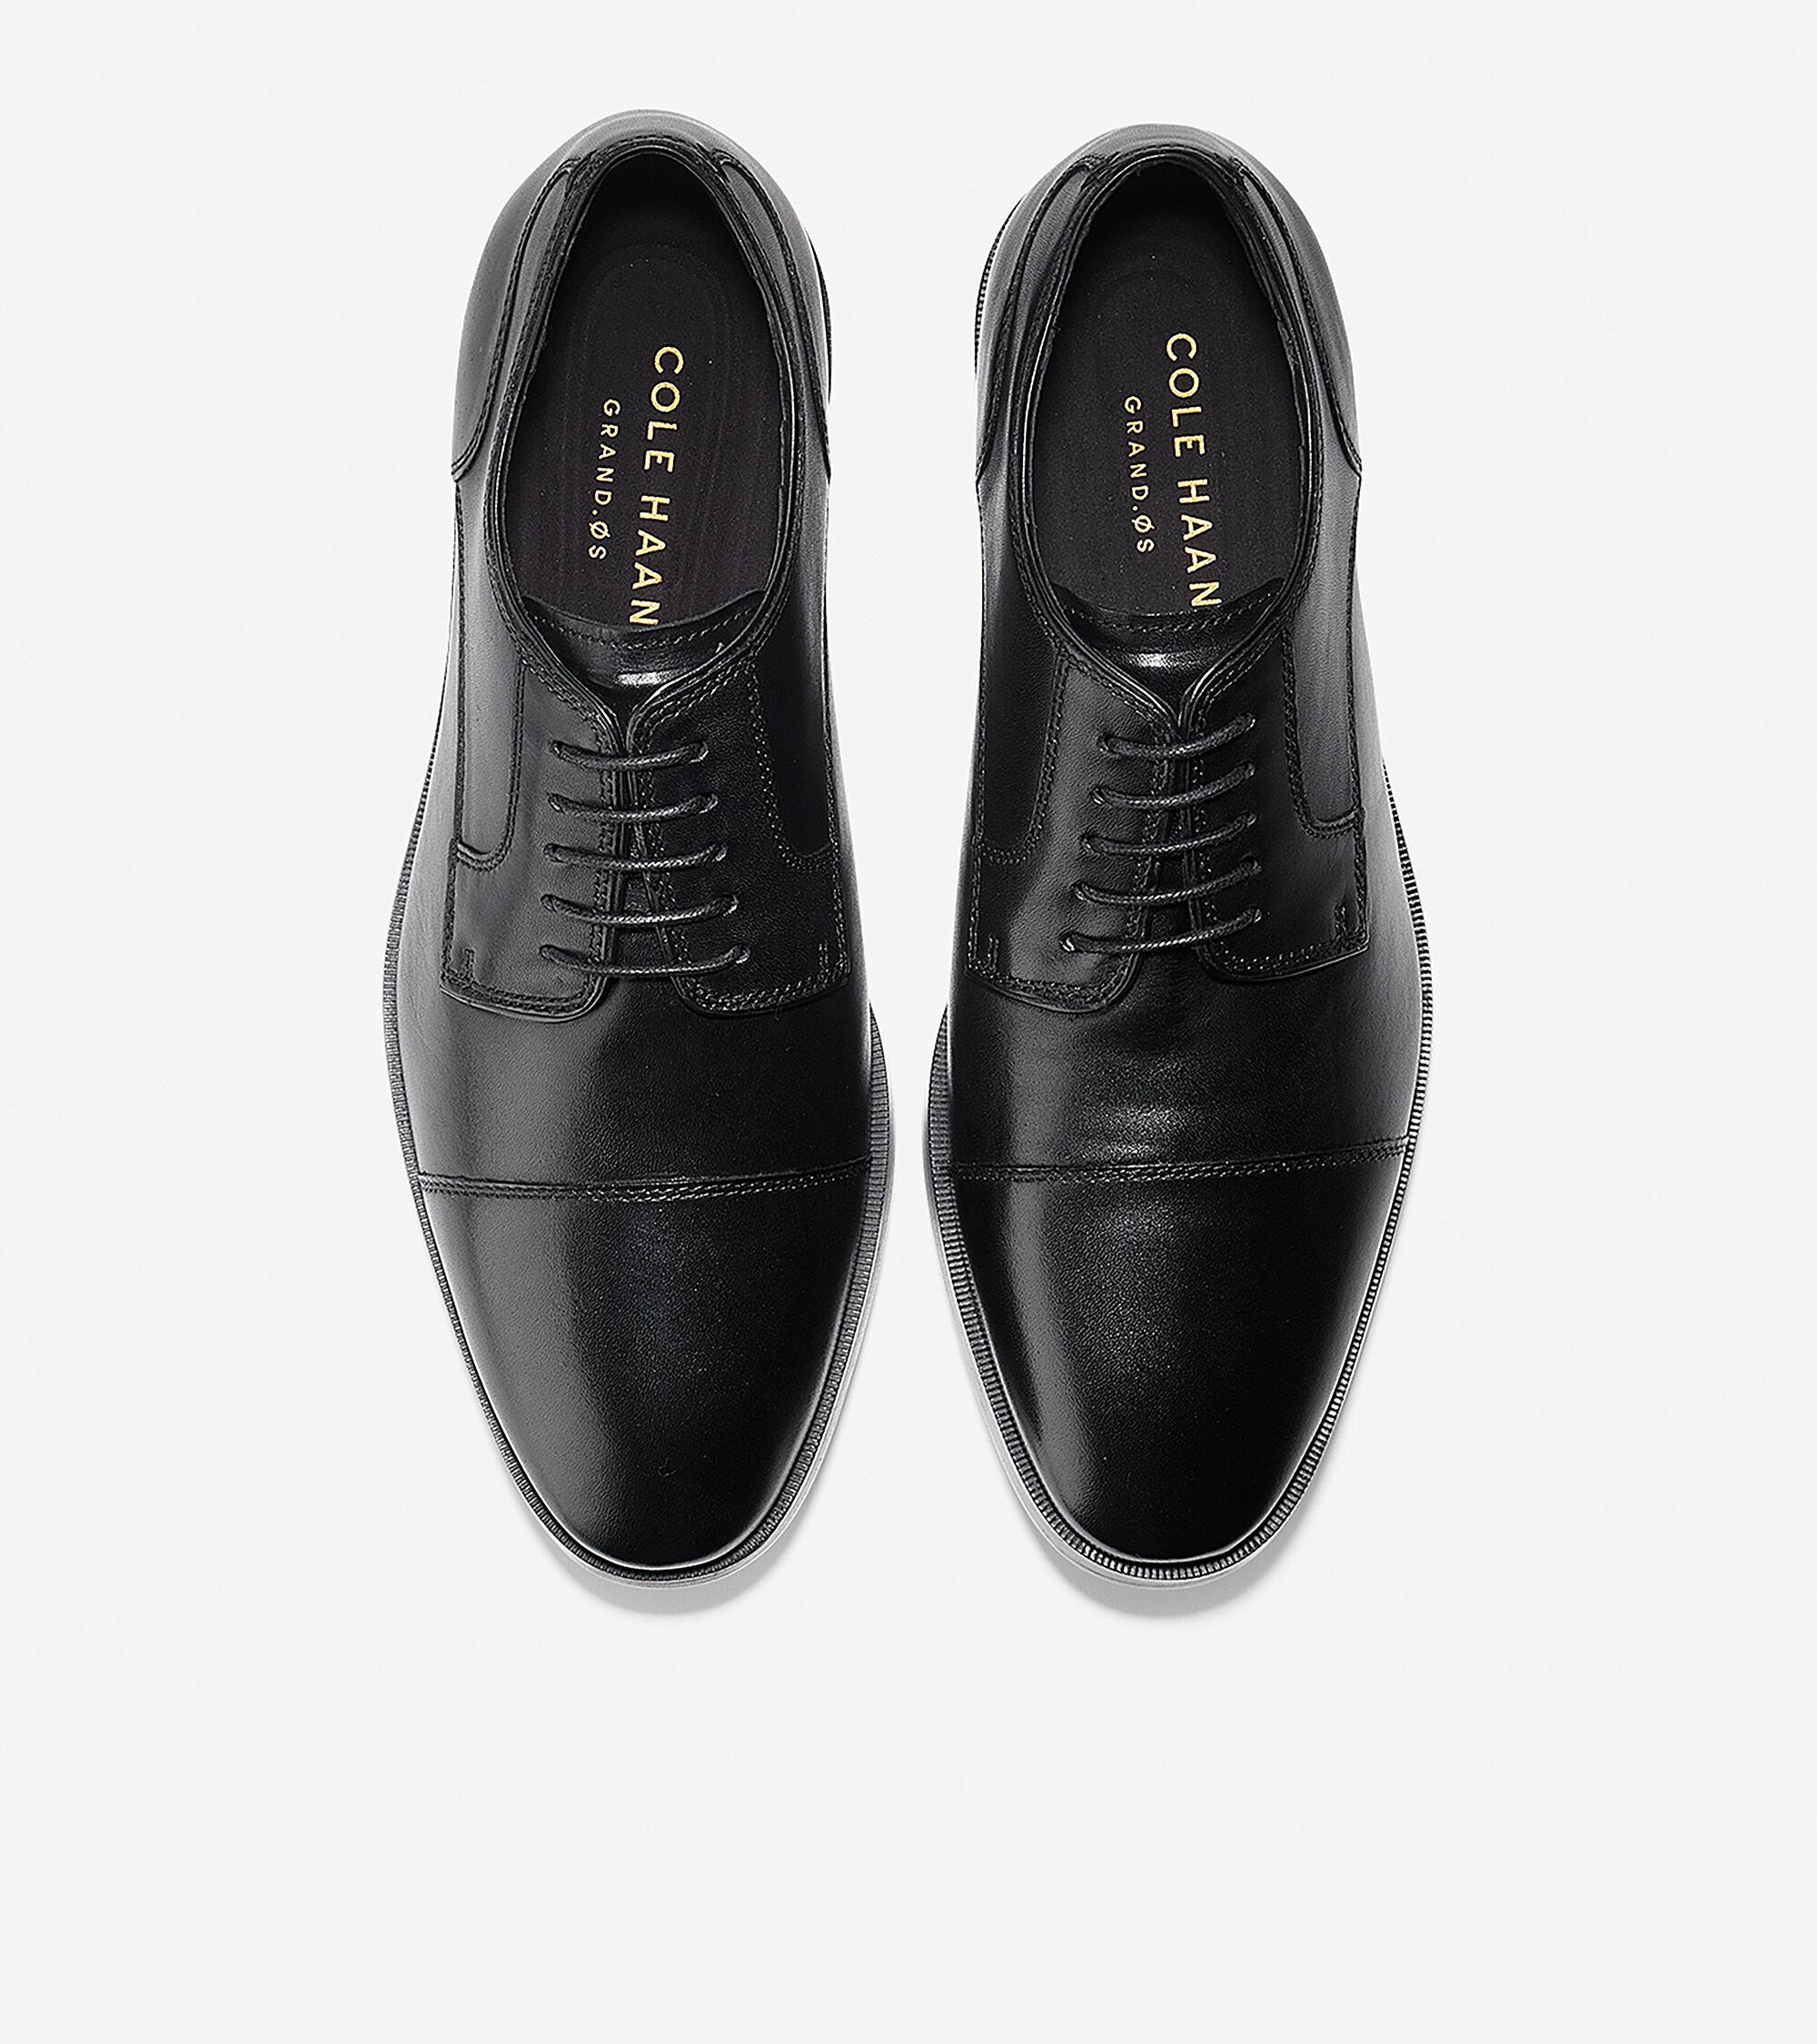 d83d098d017 Men s Jay Grand Cap Toe Oxfords in Black